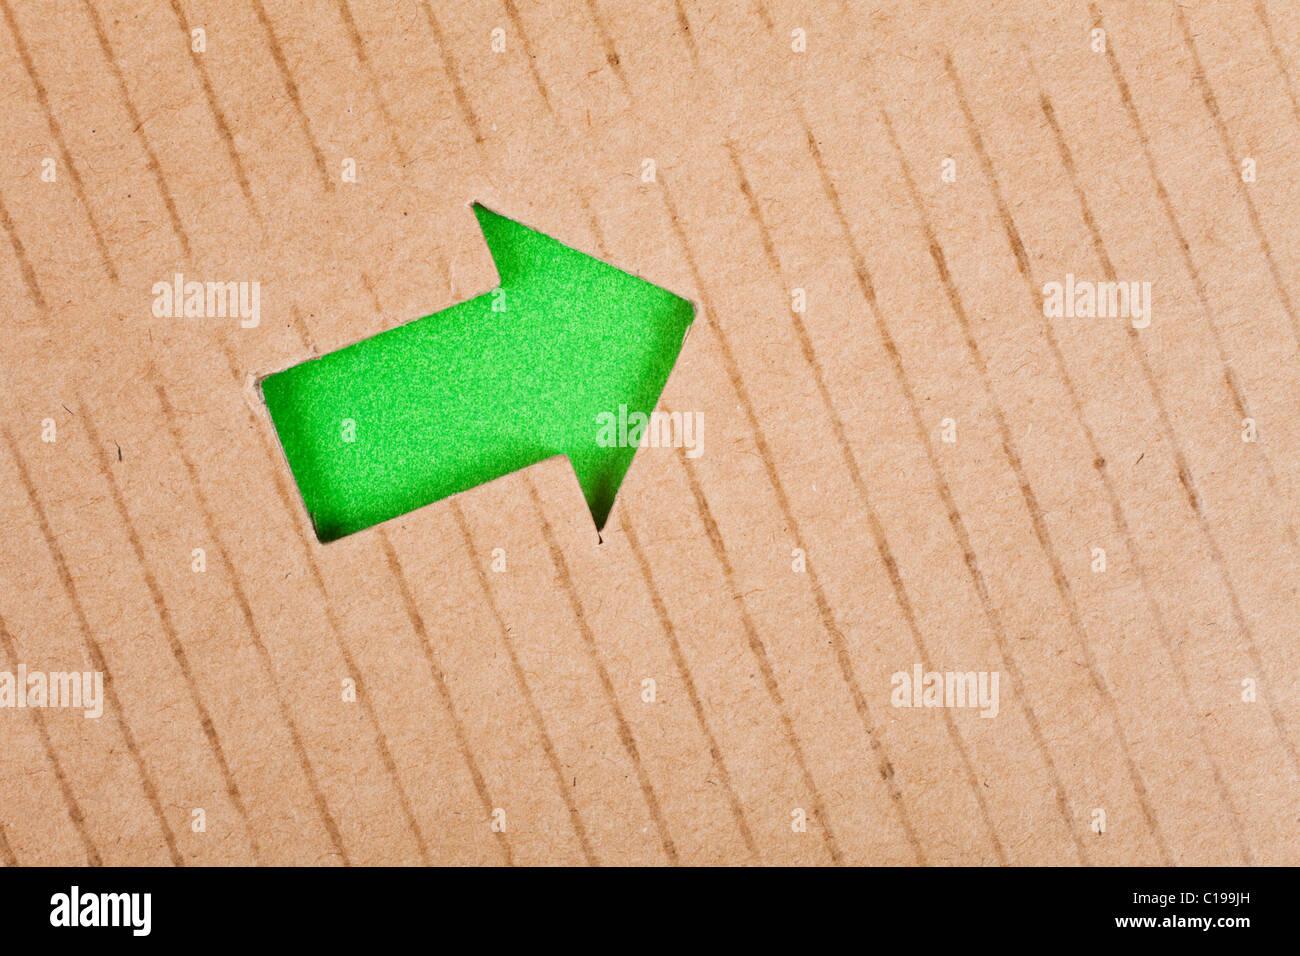 Pfeil-Symbol und Pappe für Hintergrund Stockbild